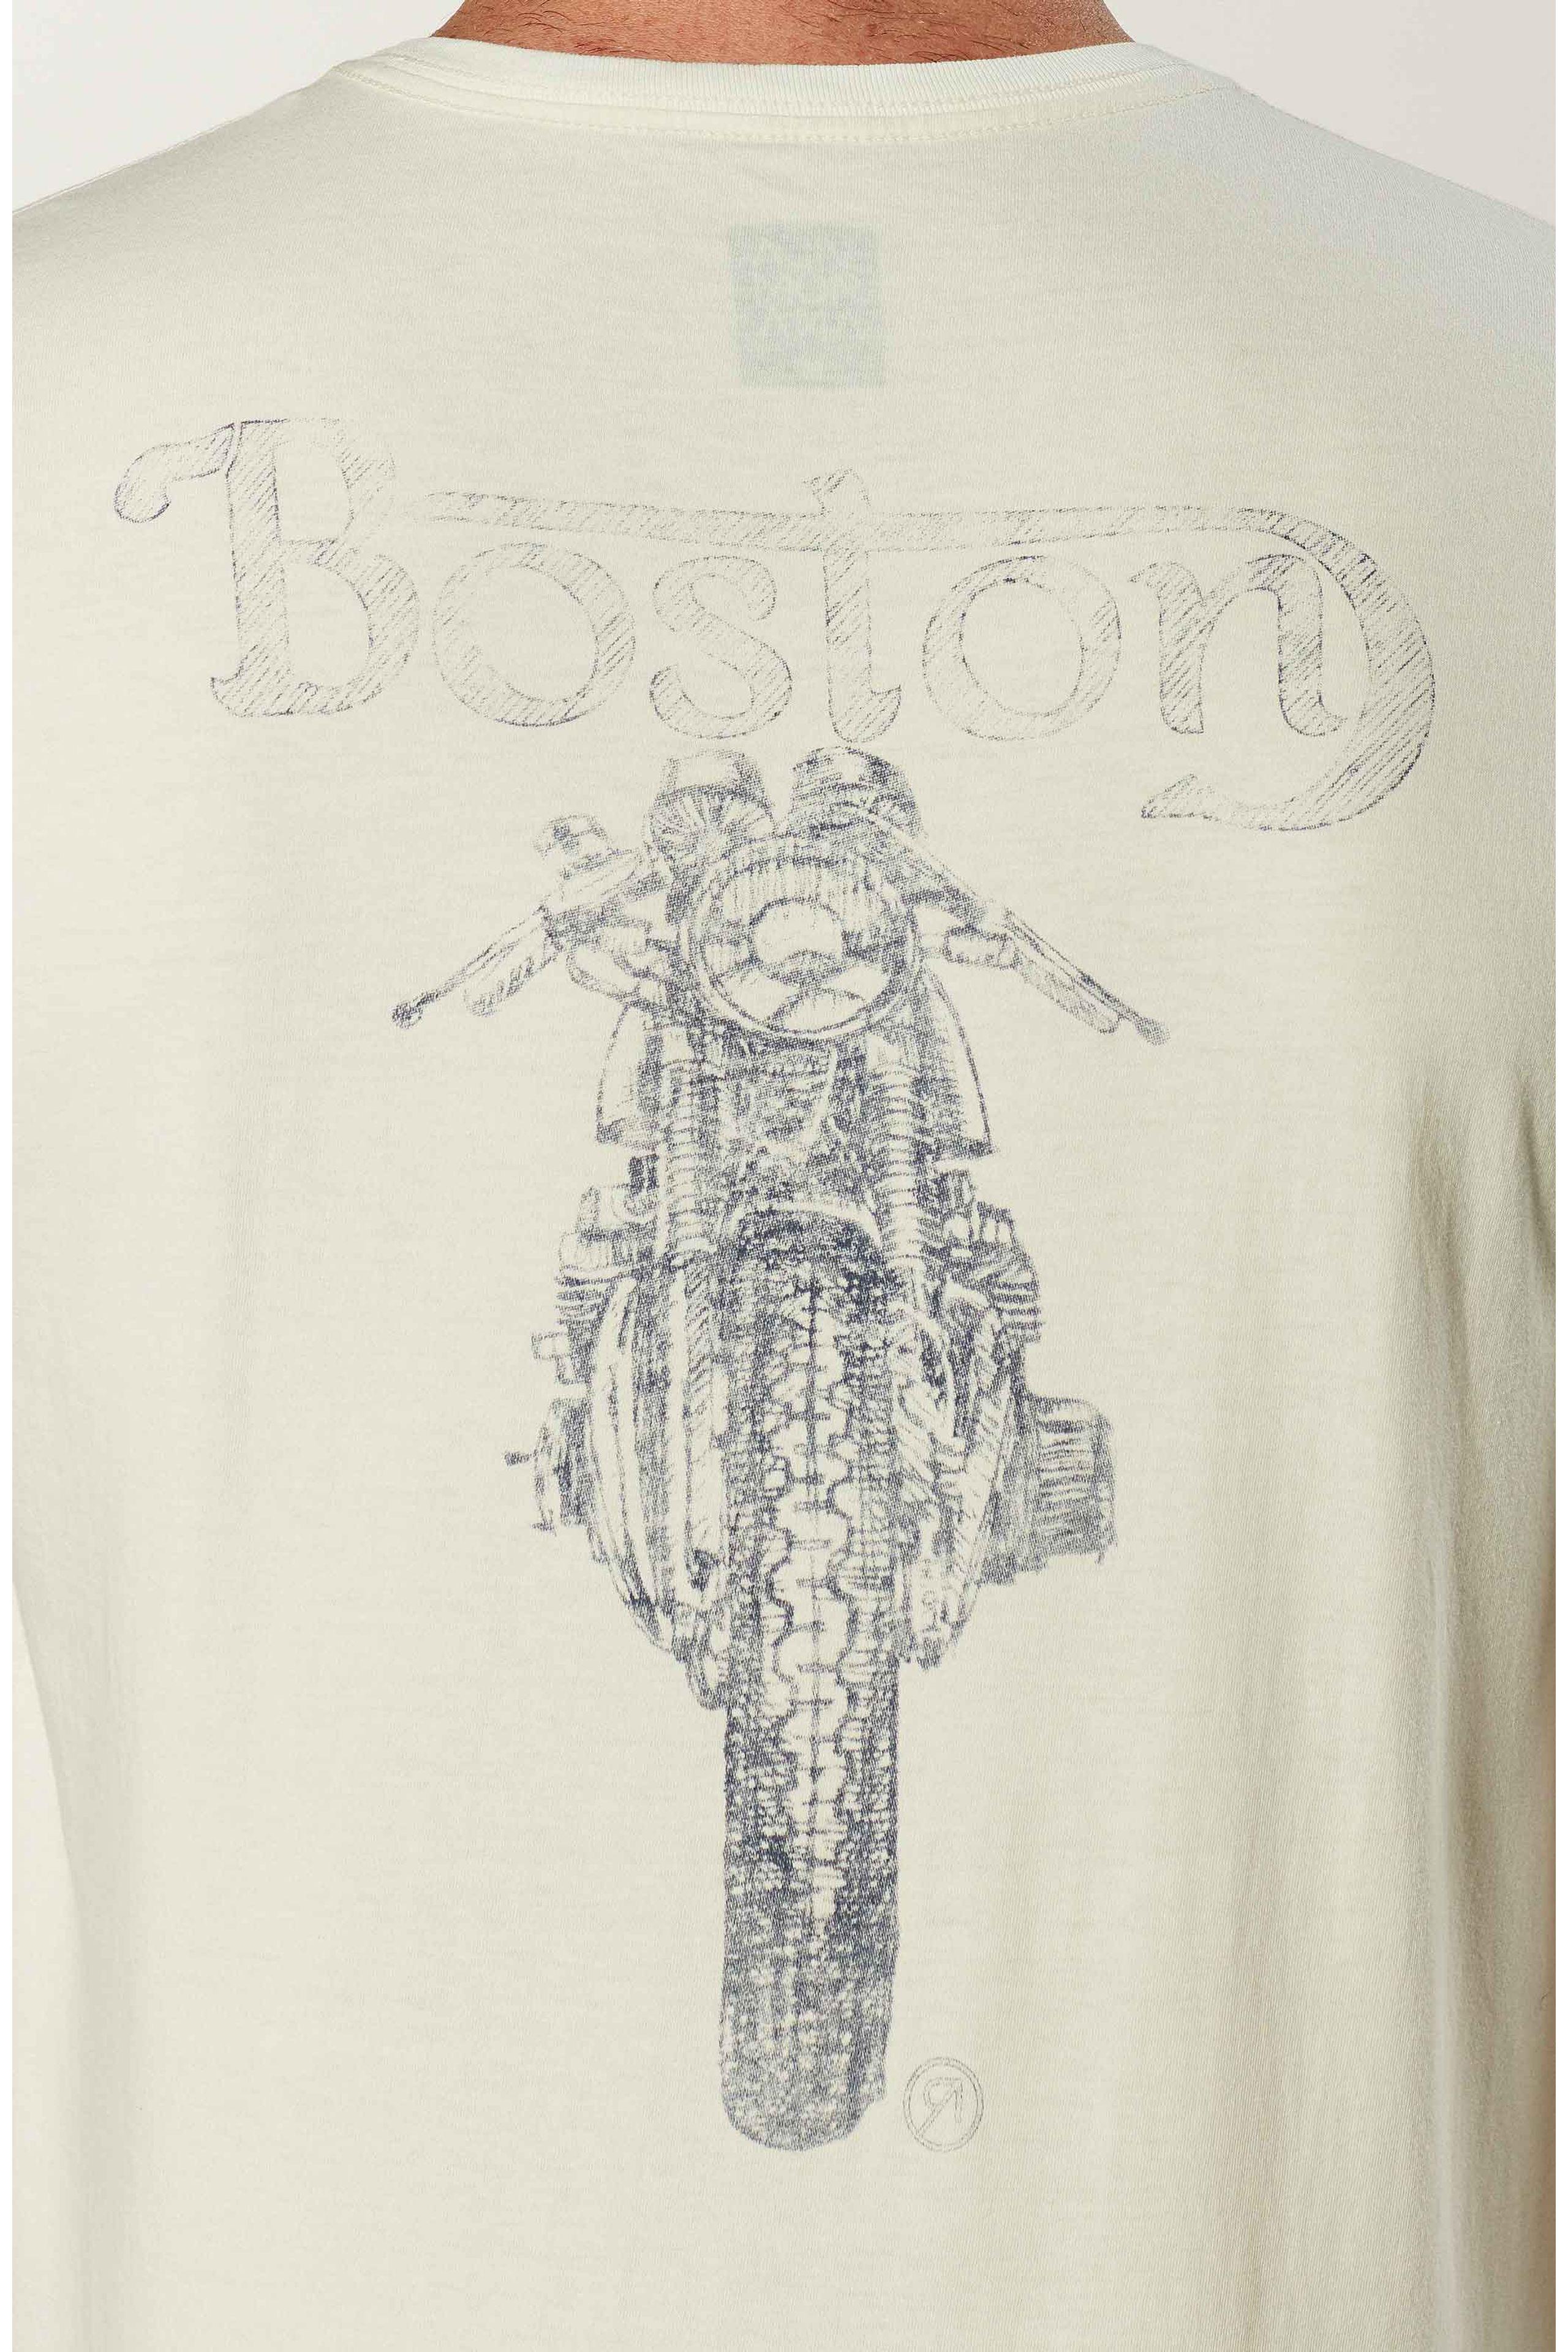 8353CCV00282_418_1-TSHIRT-MC-MALHA-MOTORCYCLE-BOSTON